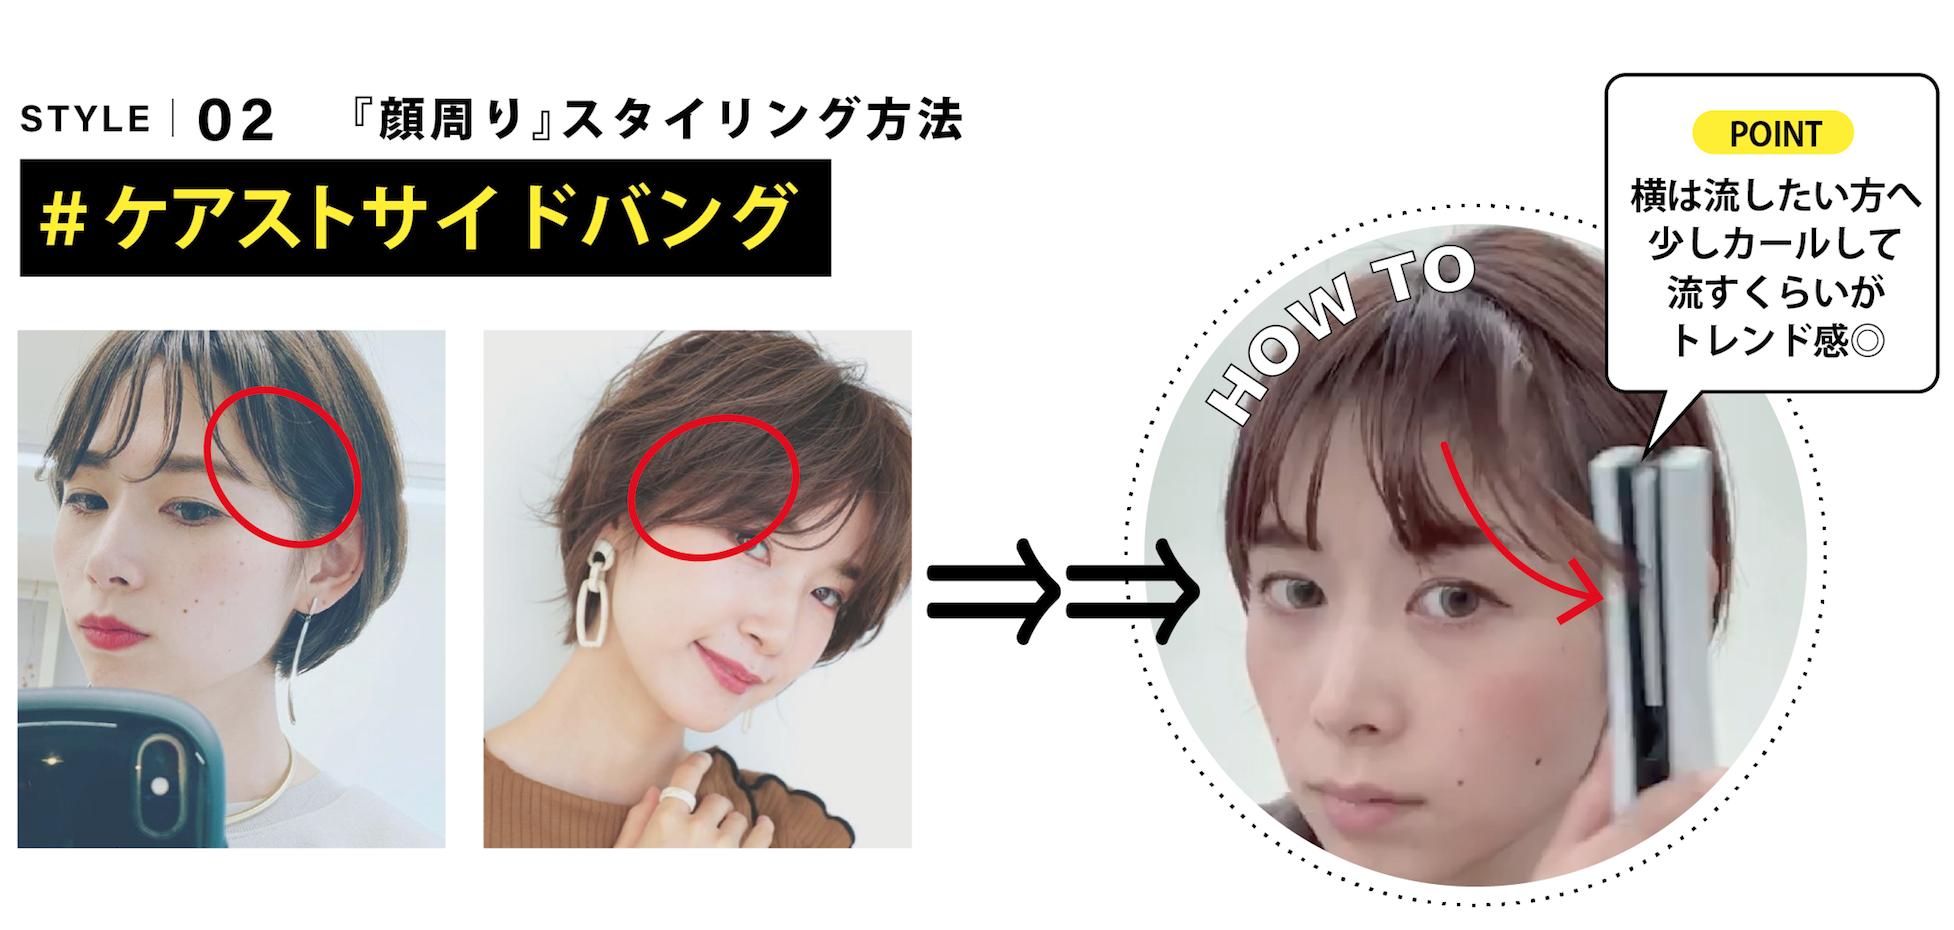 顔周りスタイリング方法